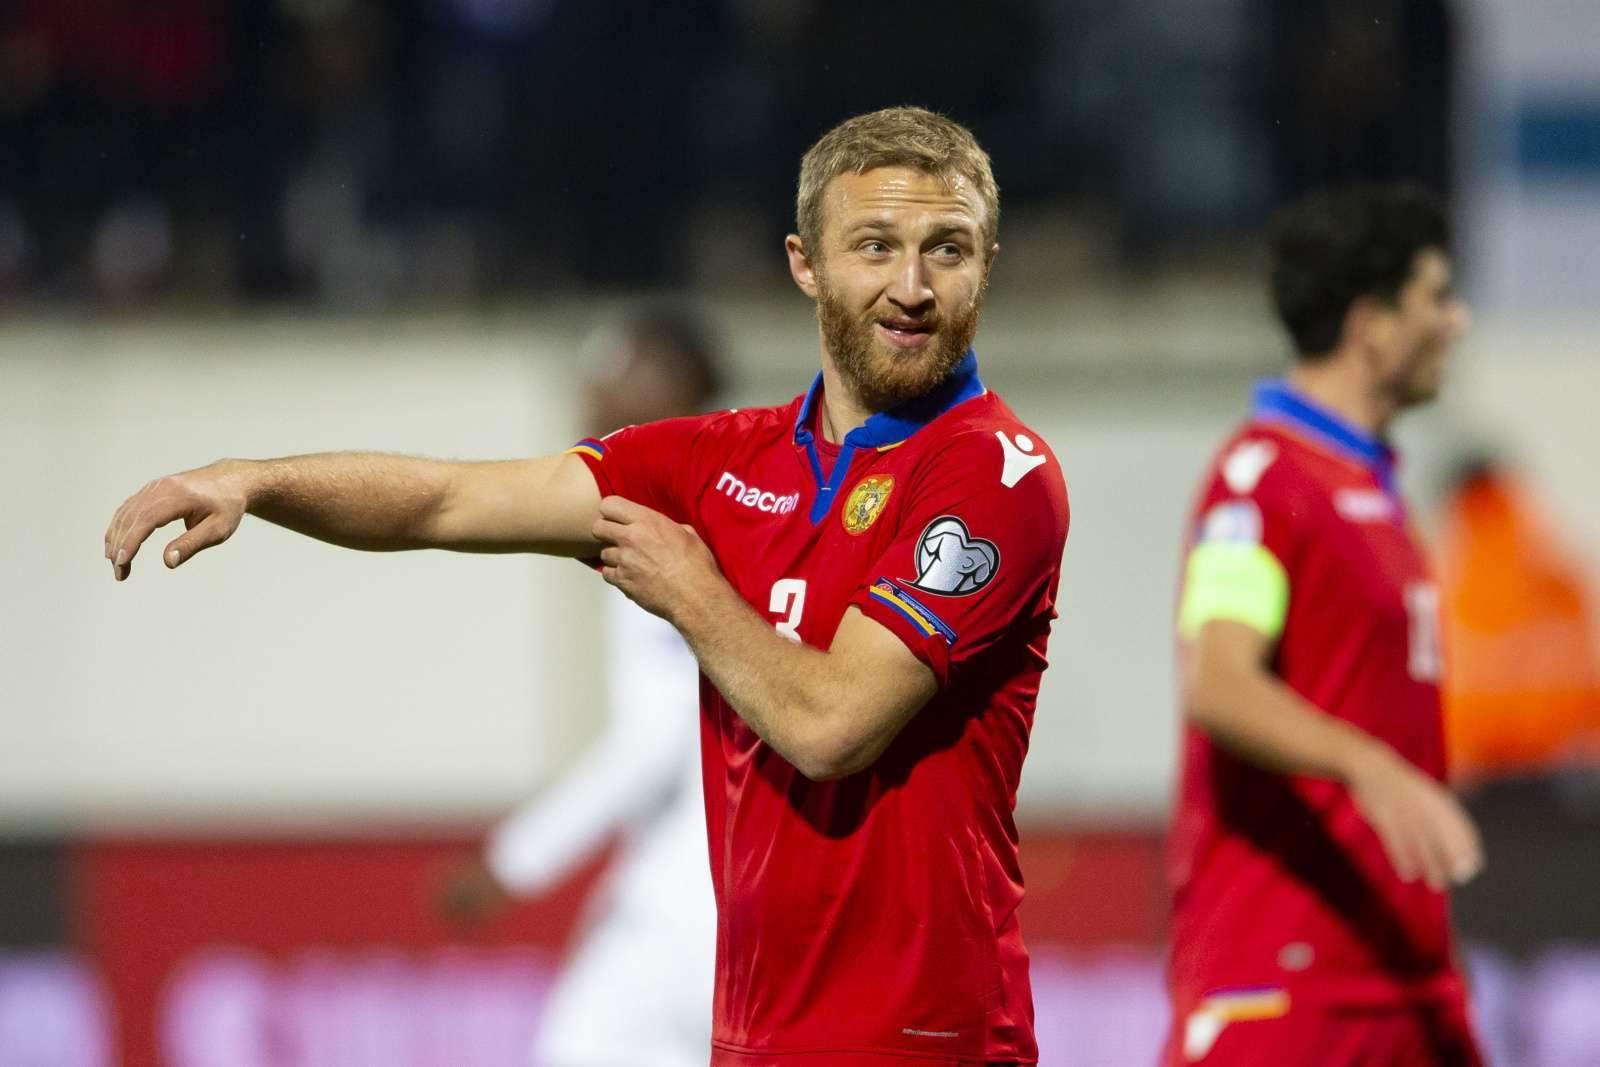 Ароян - первый армянский футболист, забивший гол в Ла Лиге